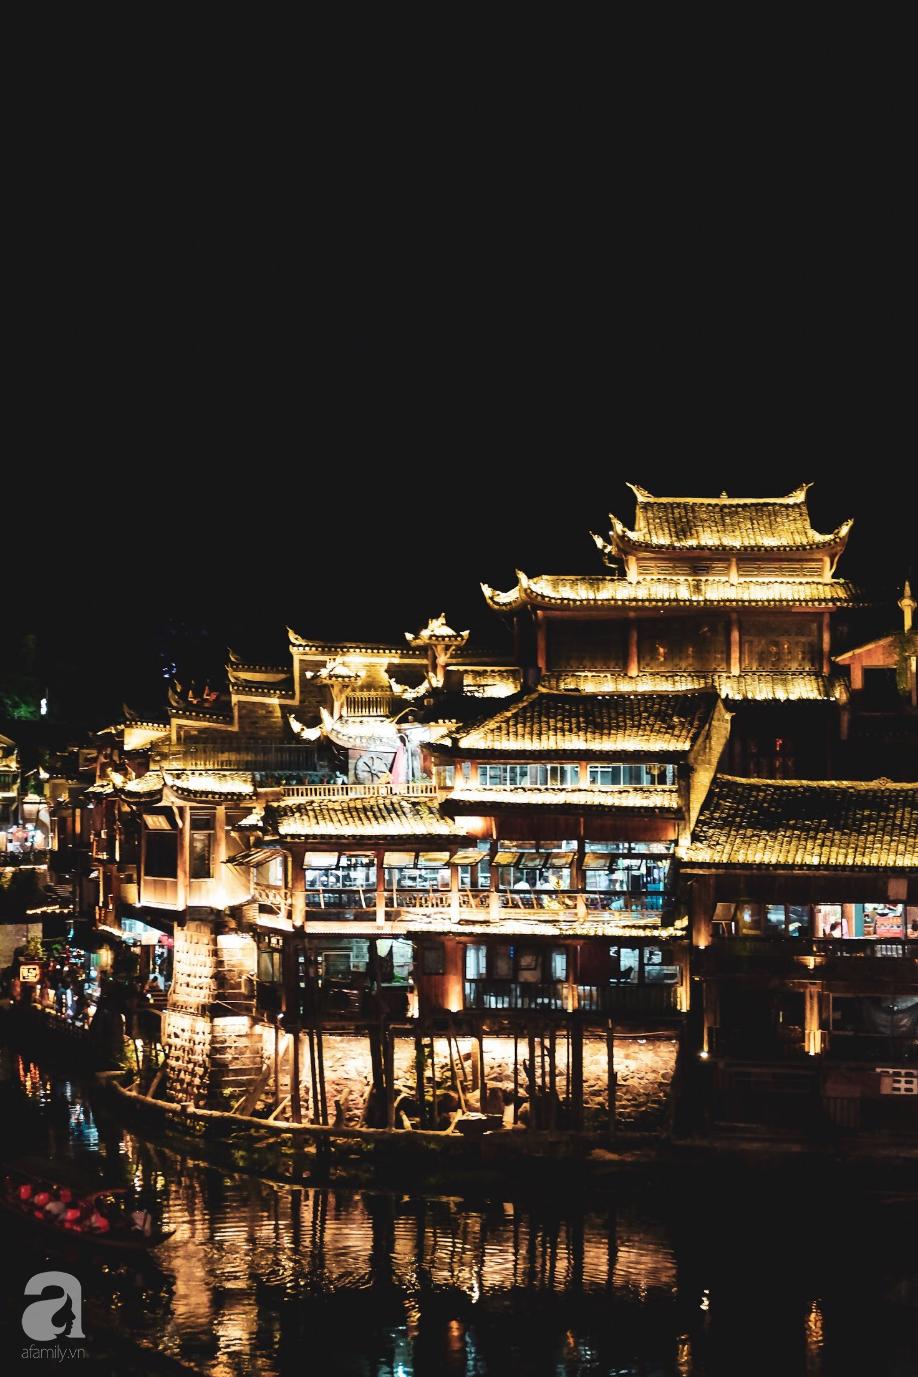 Kinh nghiệm du lịch Phượng Hoàng Cổ Trấn chỉ 13 triệu/người cho 9 ngày mà ở homestay đẹp, ăn uống tùy hứng - Ảnh 12.